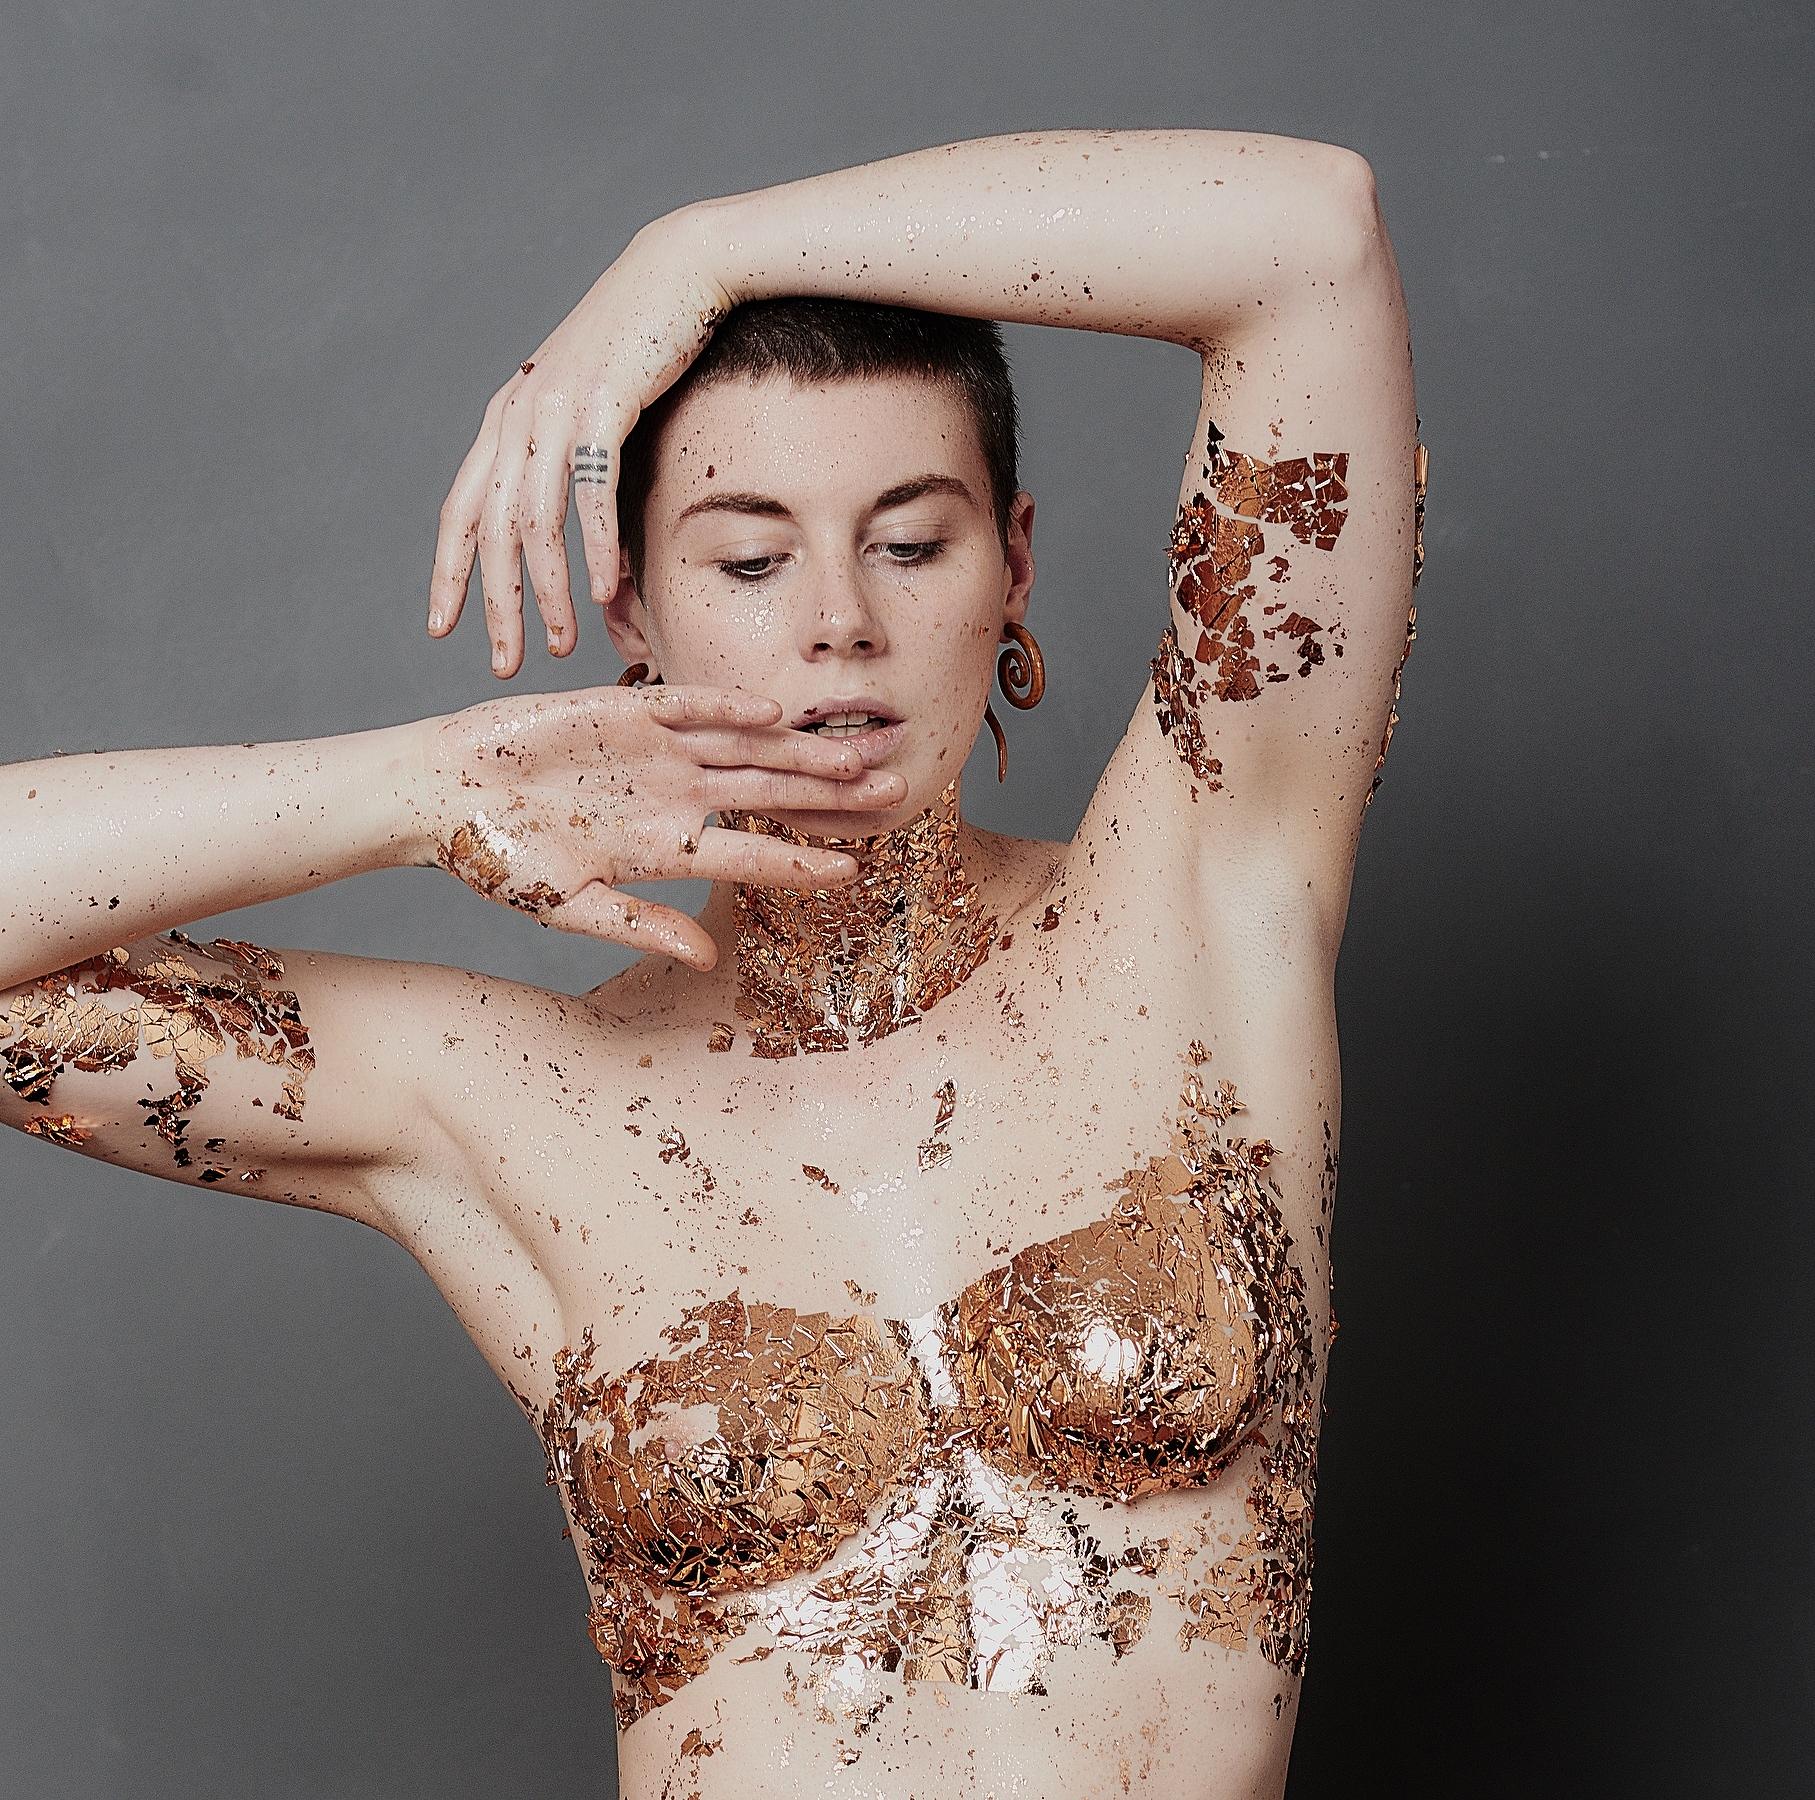 Aktfotografie Serie Gold mit Muriel de Roja ©Martin Peterdamm Berlin